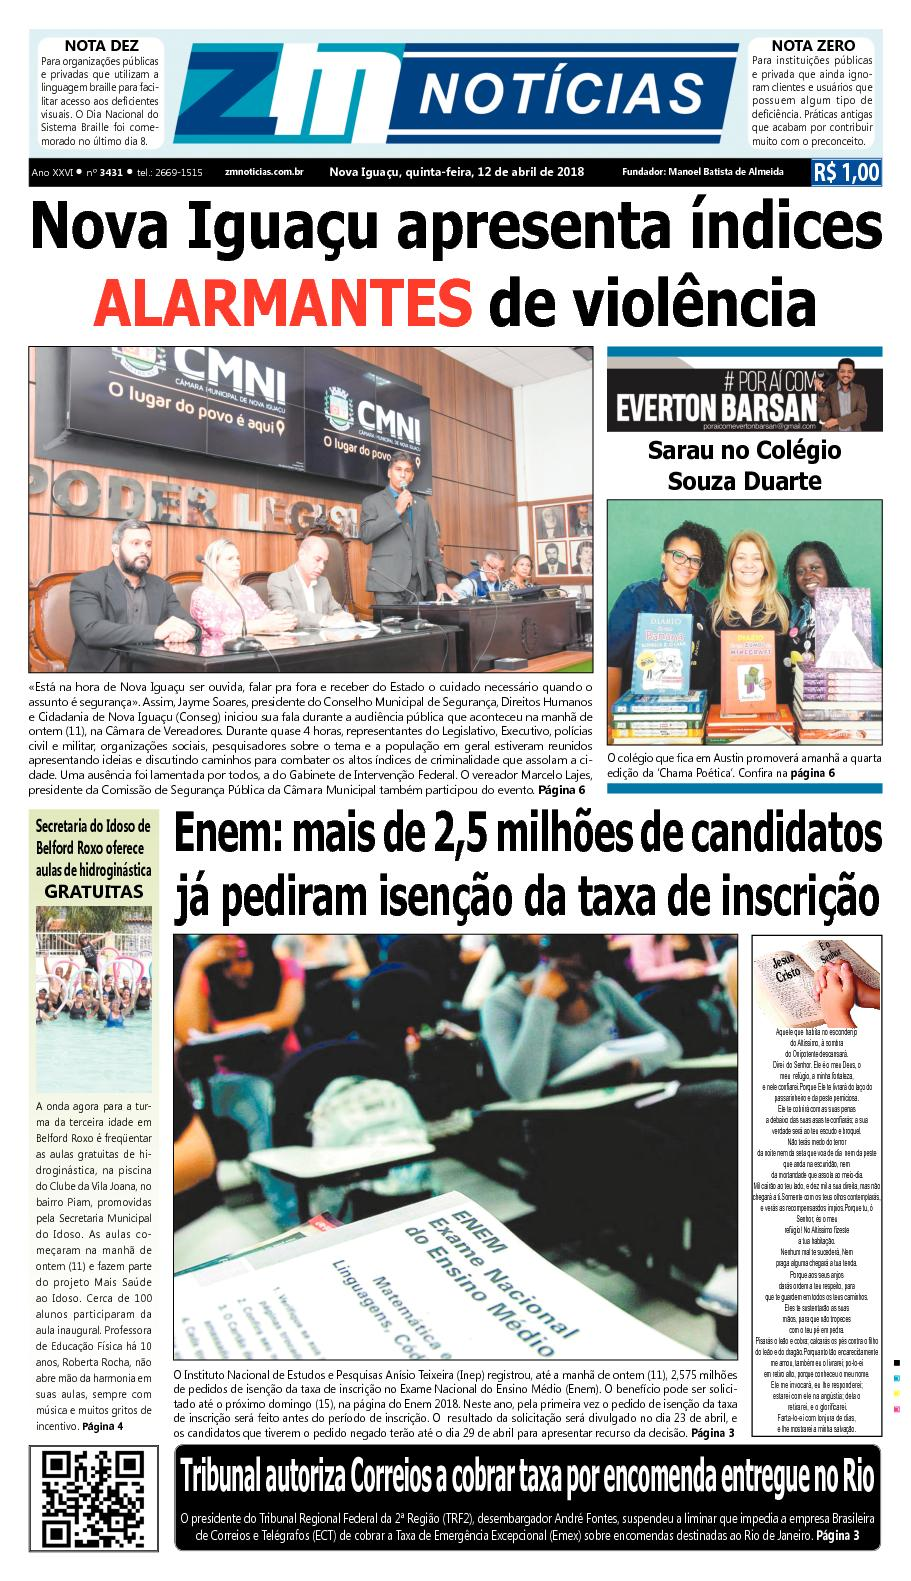 ZM Noticias - Edição 120418